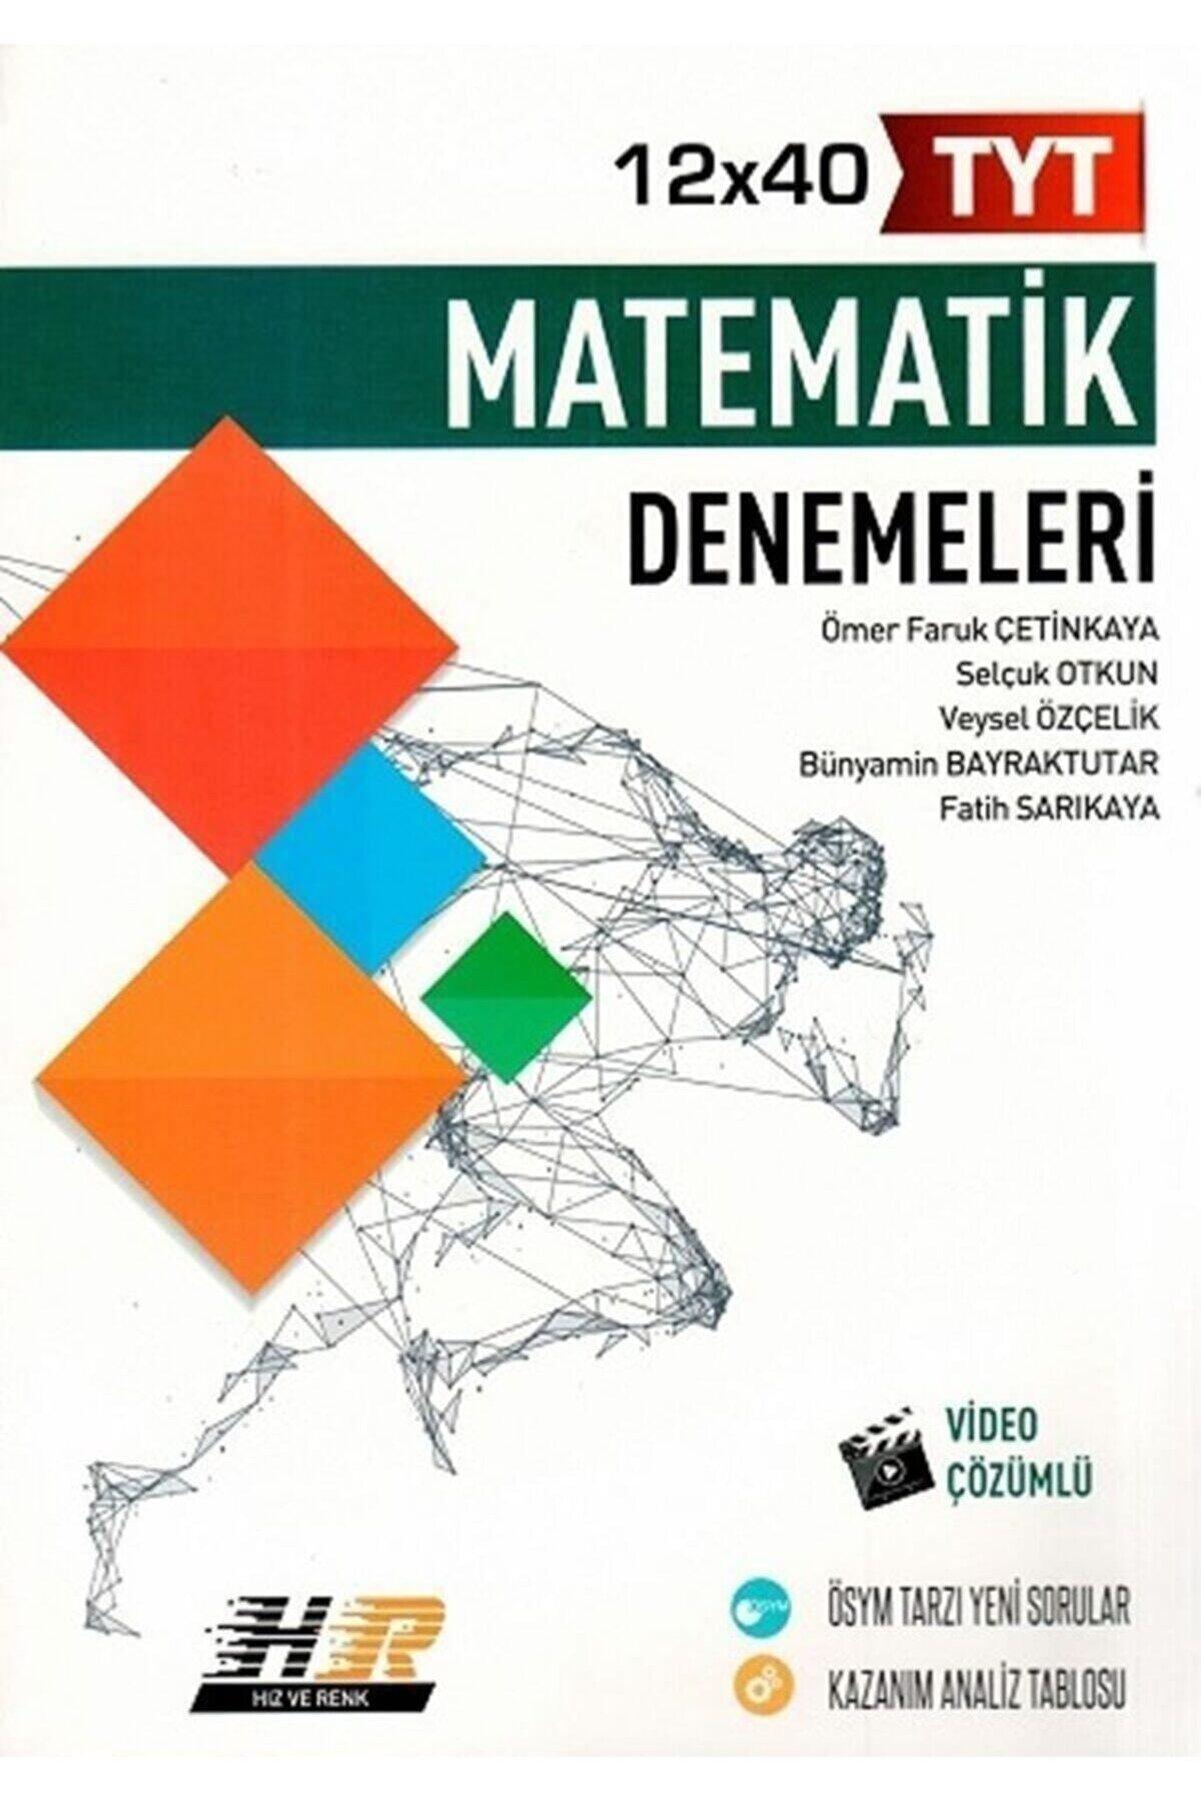 DIGERUI Tyt Matematik 12x40 Denemeleri Hız Ve Renk Yayınları